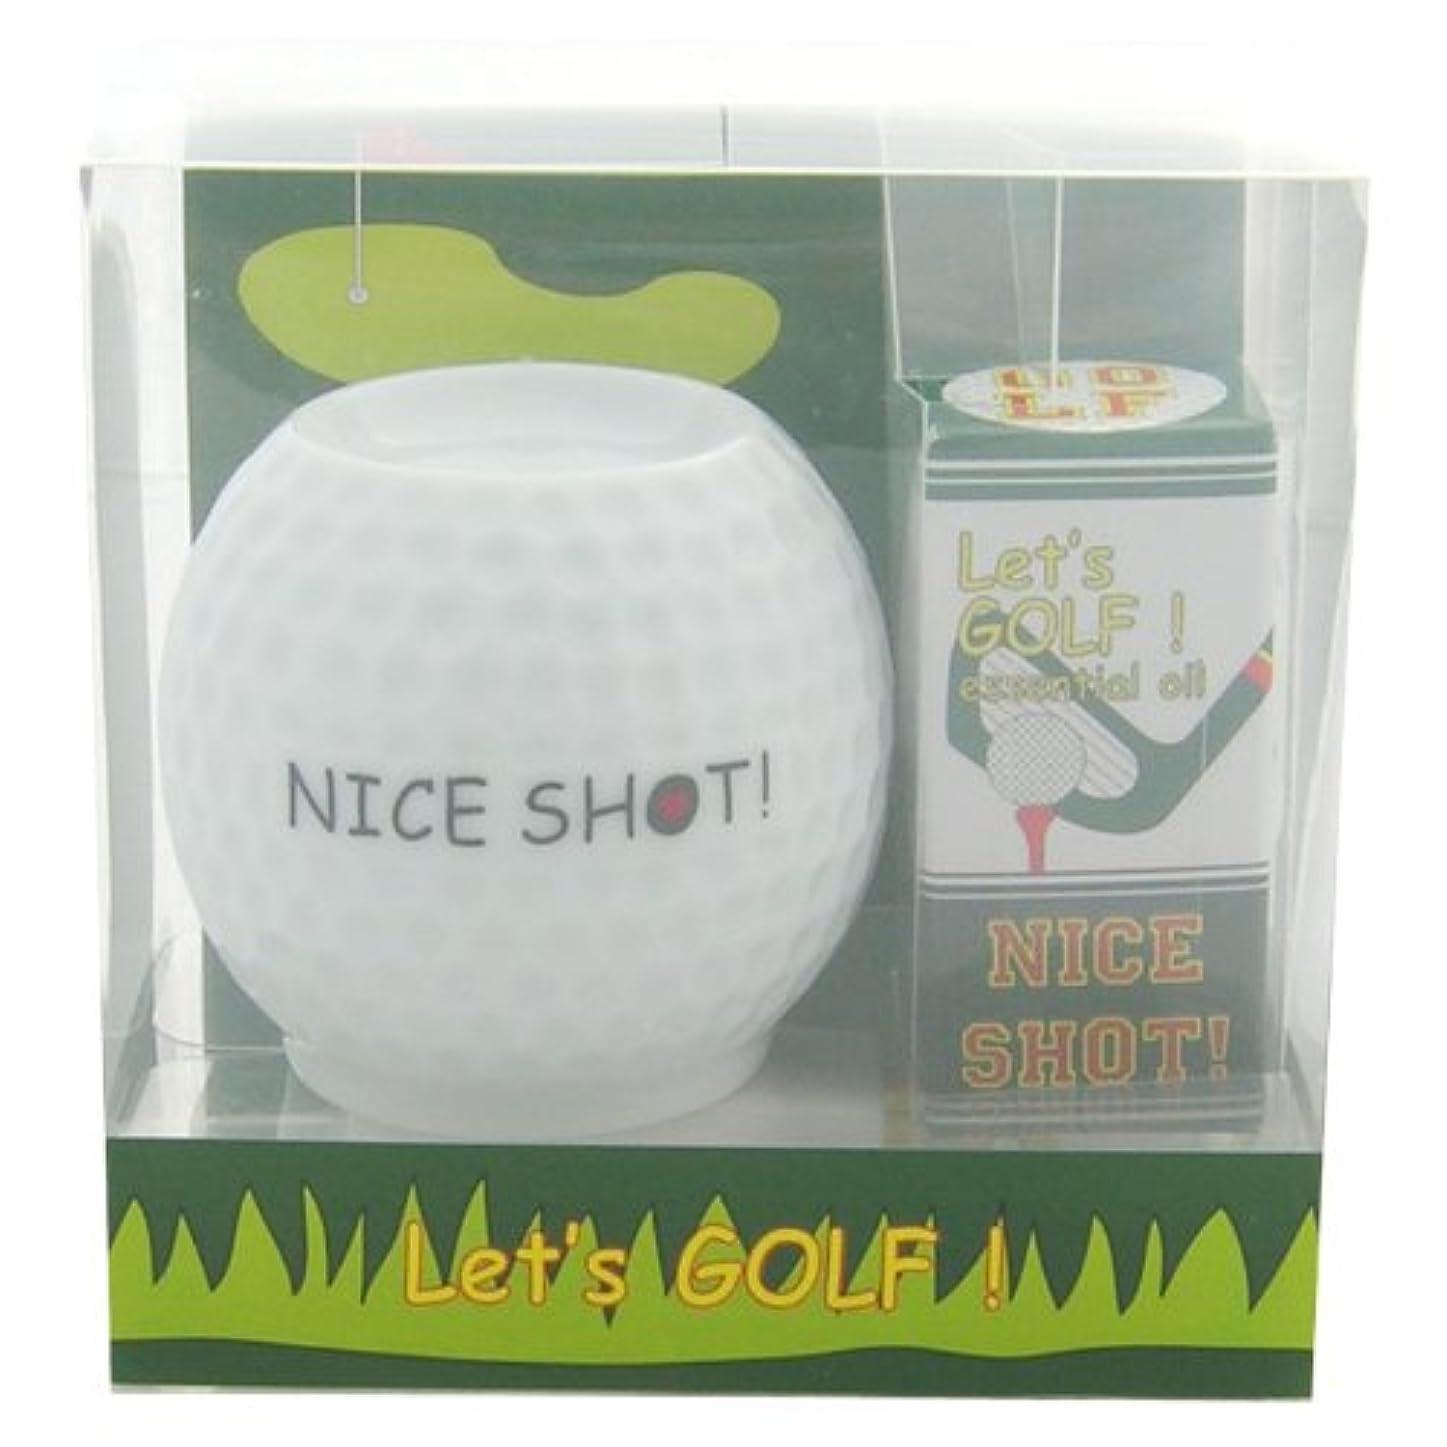 王室期待して精神的にフリート レッツ ゴルフ! アロマライトセット ナイスショット! 4ml